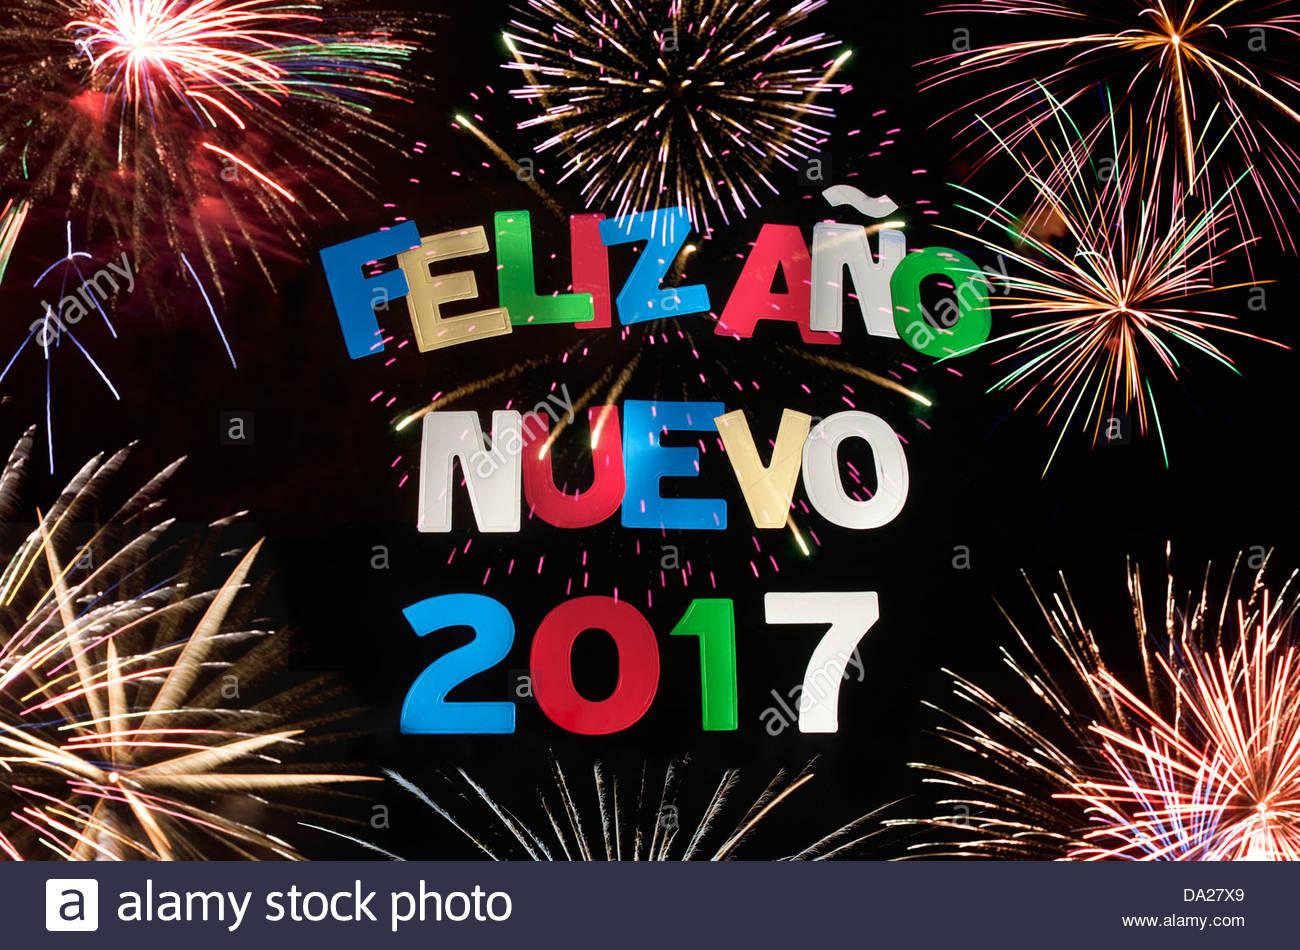 Feliz Año Nuevo 2017 les desea la Familia OdiasporaOdiaspora | Odiaspora